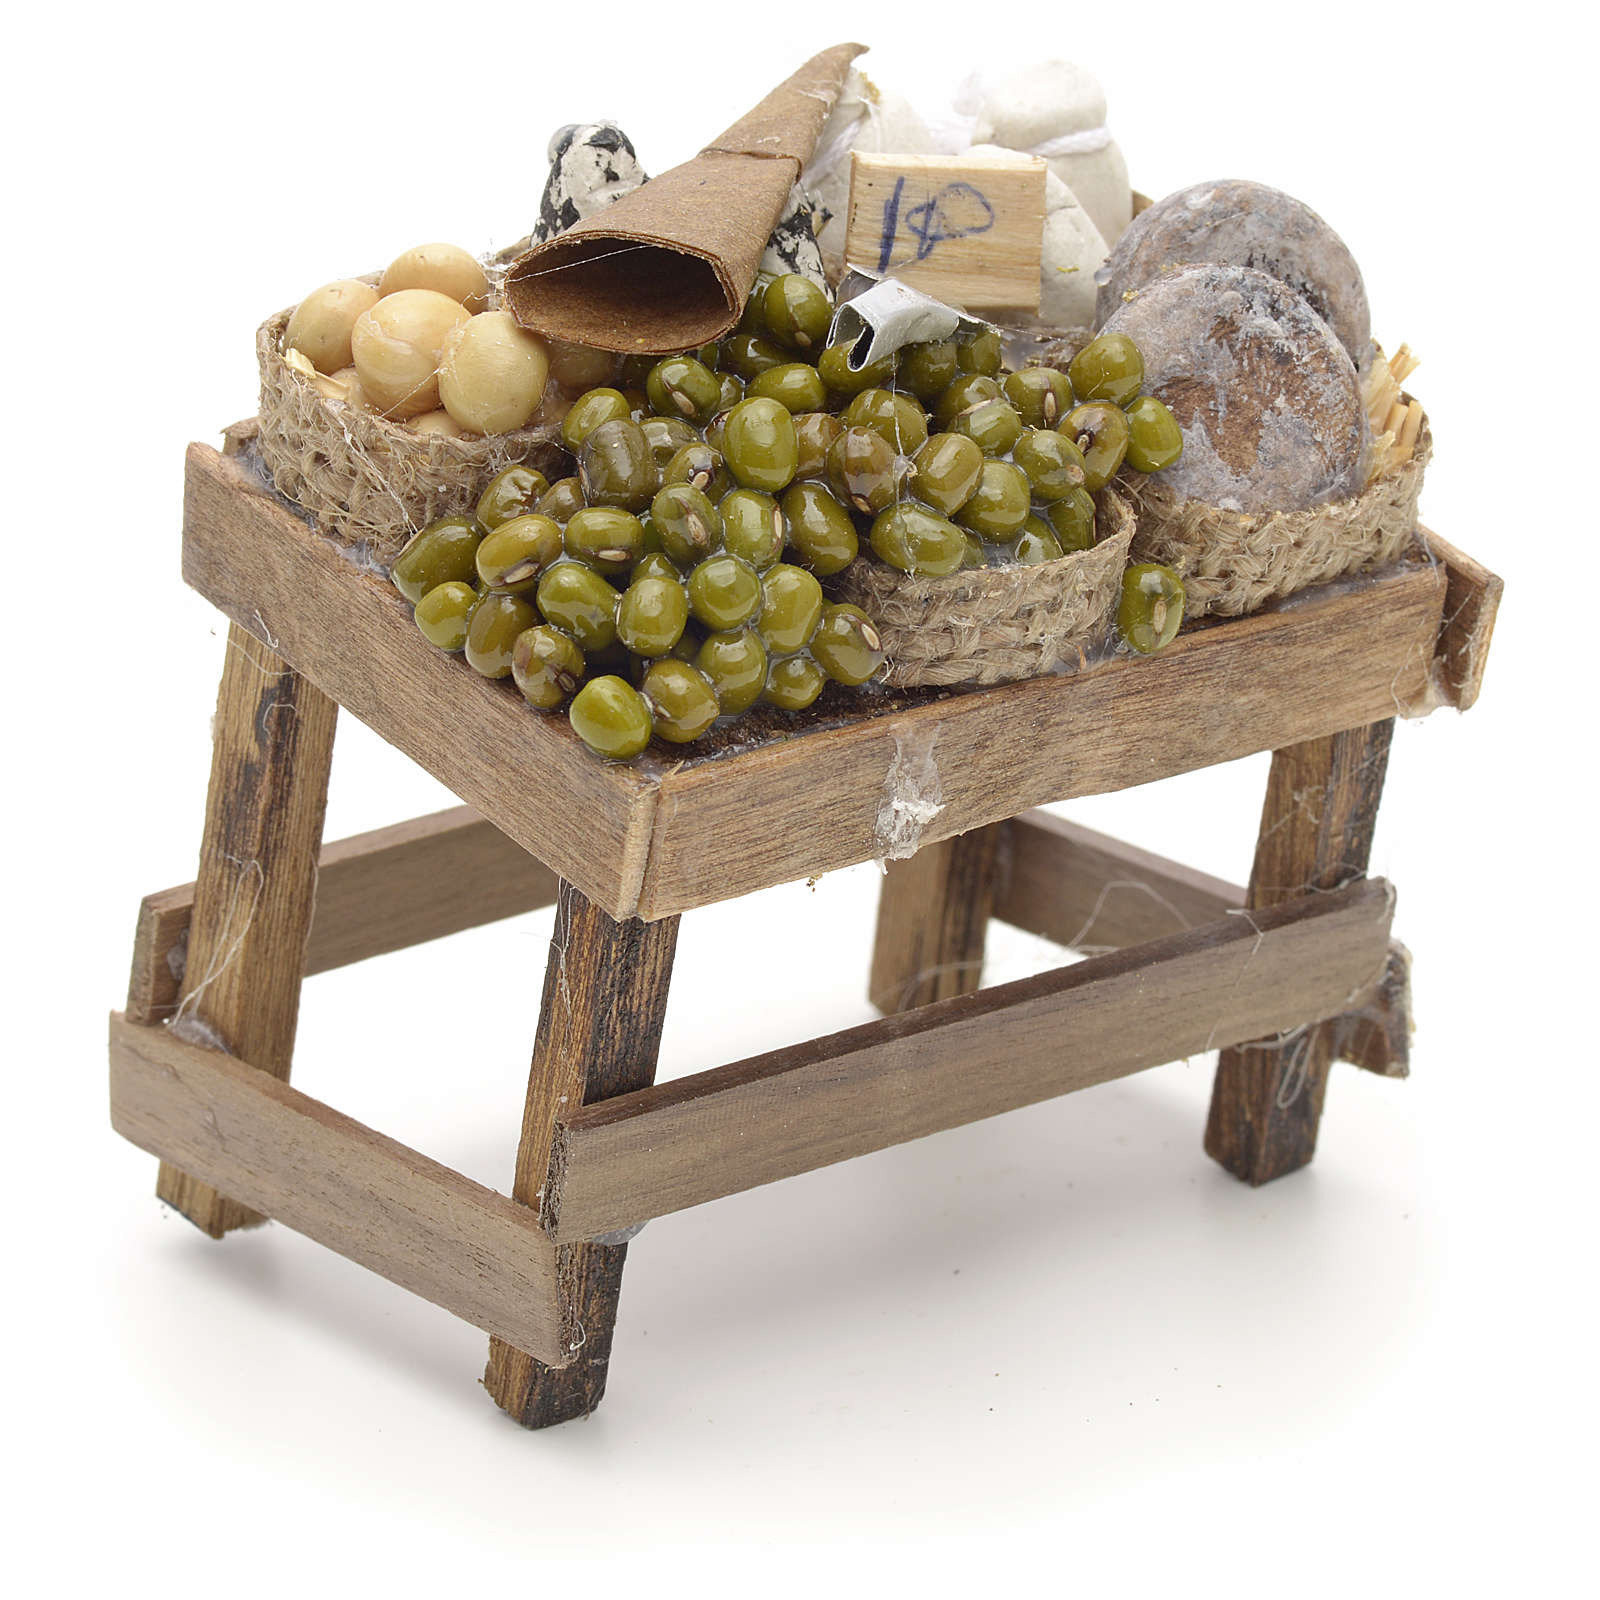 Banc des olives miniature crèche Napolitaine 4